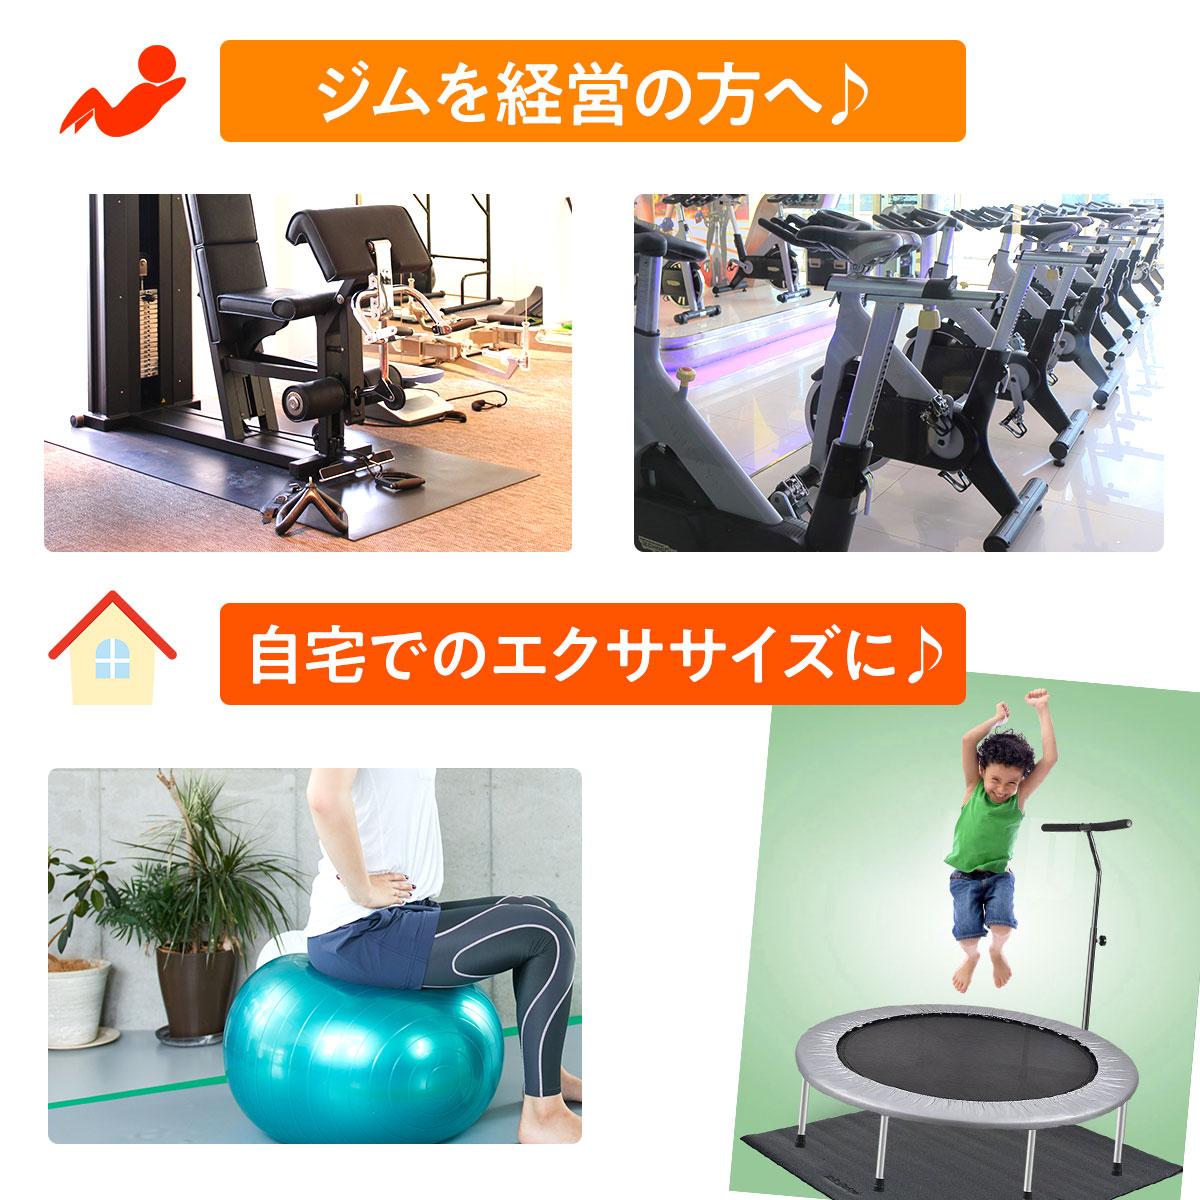 MUSCLE FACTORY フロアマット ベンチマット 筋トレ マット ヨガマット 床保護 PVC 1000*700*4mm